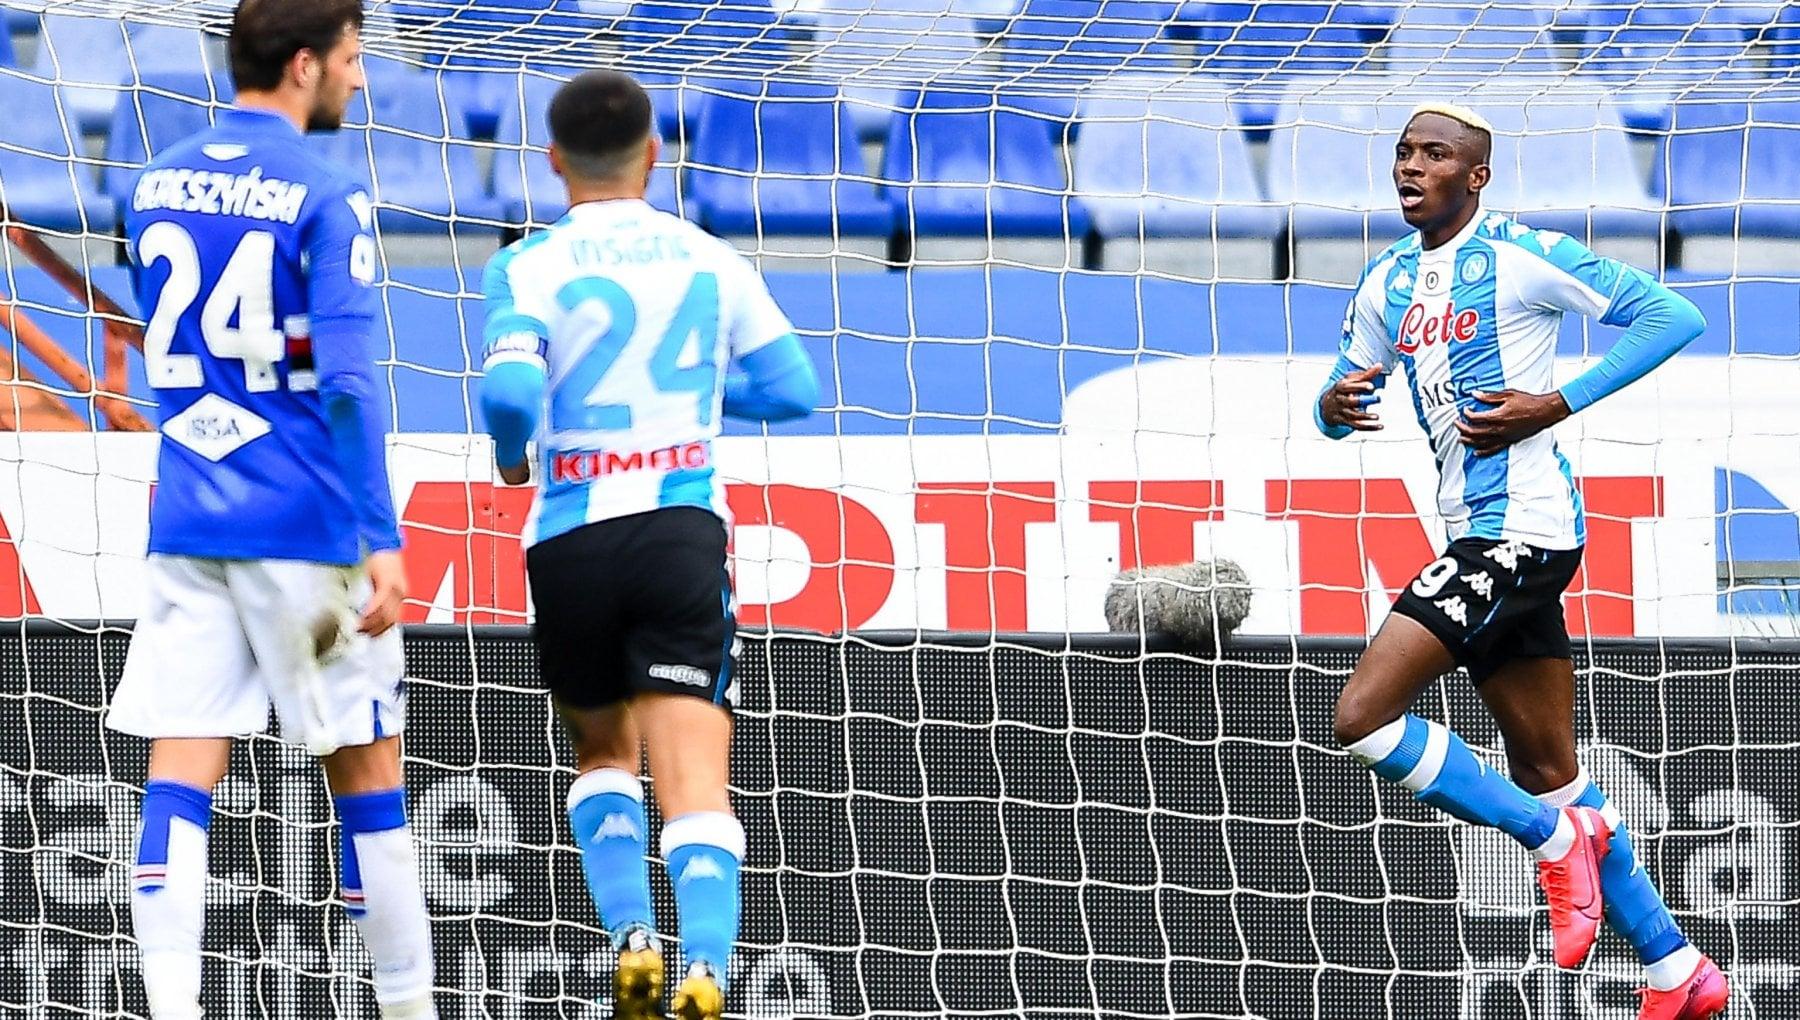 Sampdoria-Napoli 0-2, Fabian e Osimhen fanno ripartire gli azzurri - la Repubblica